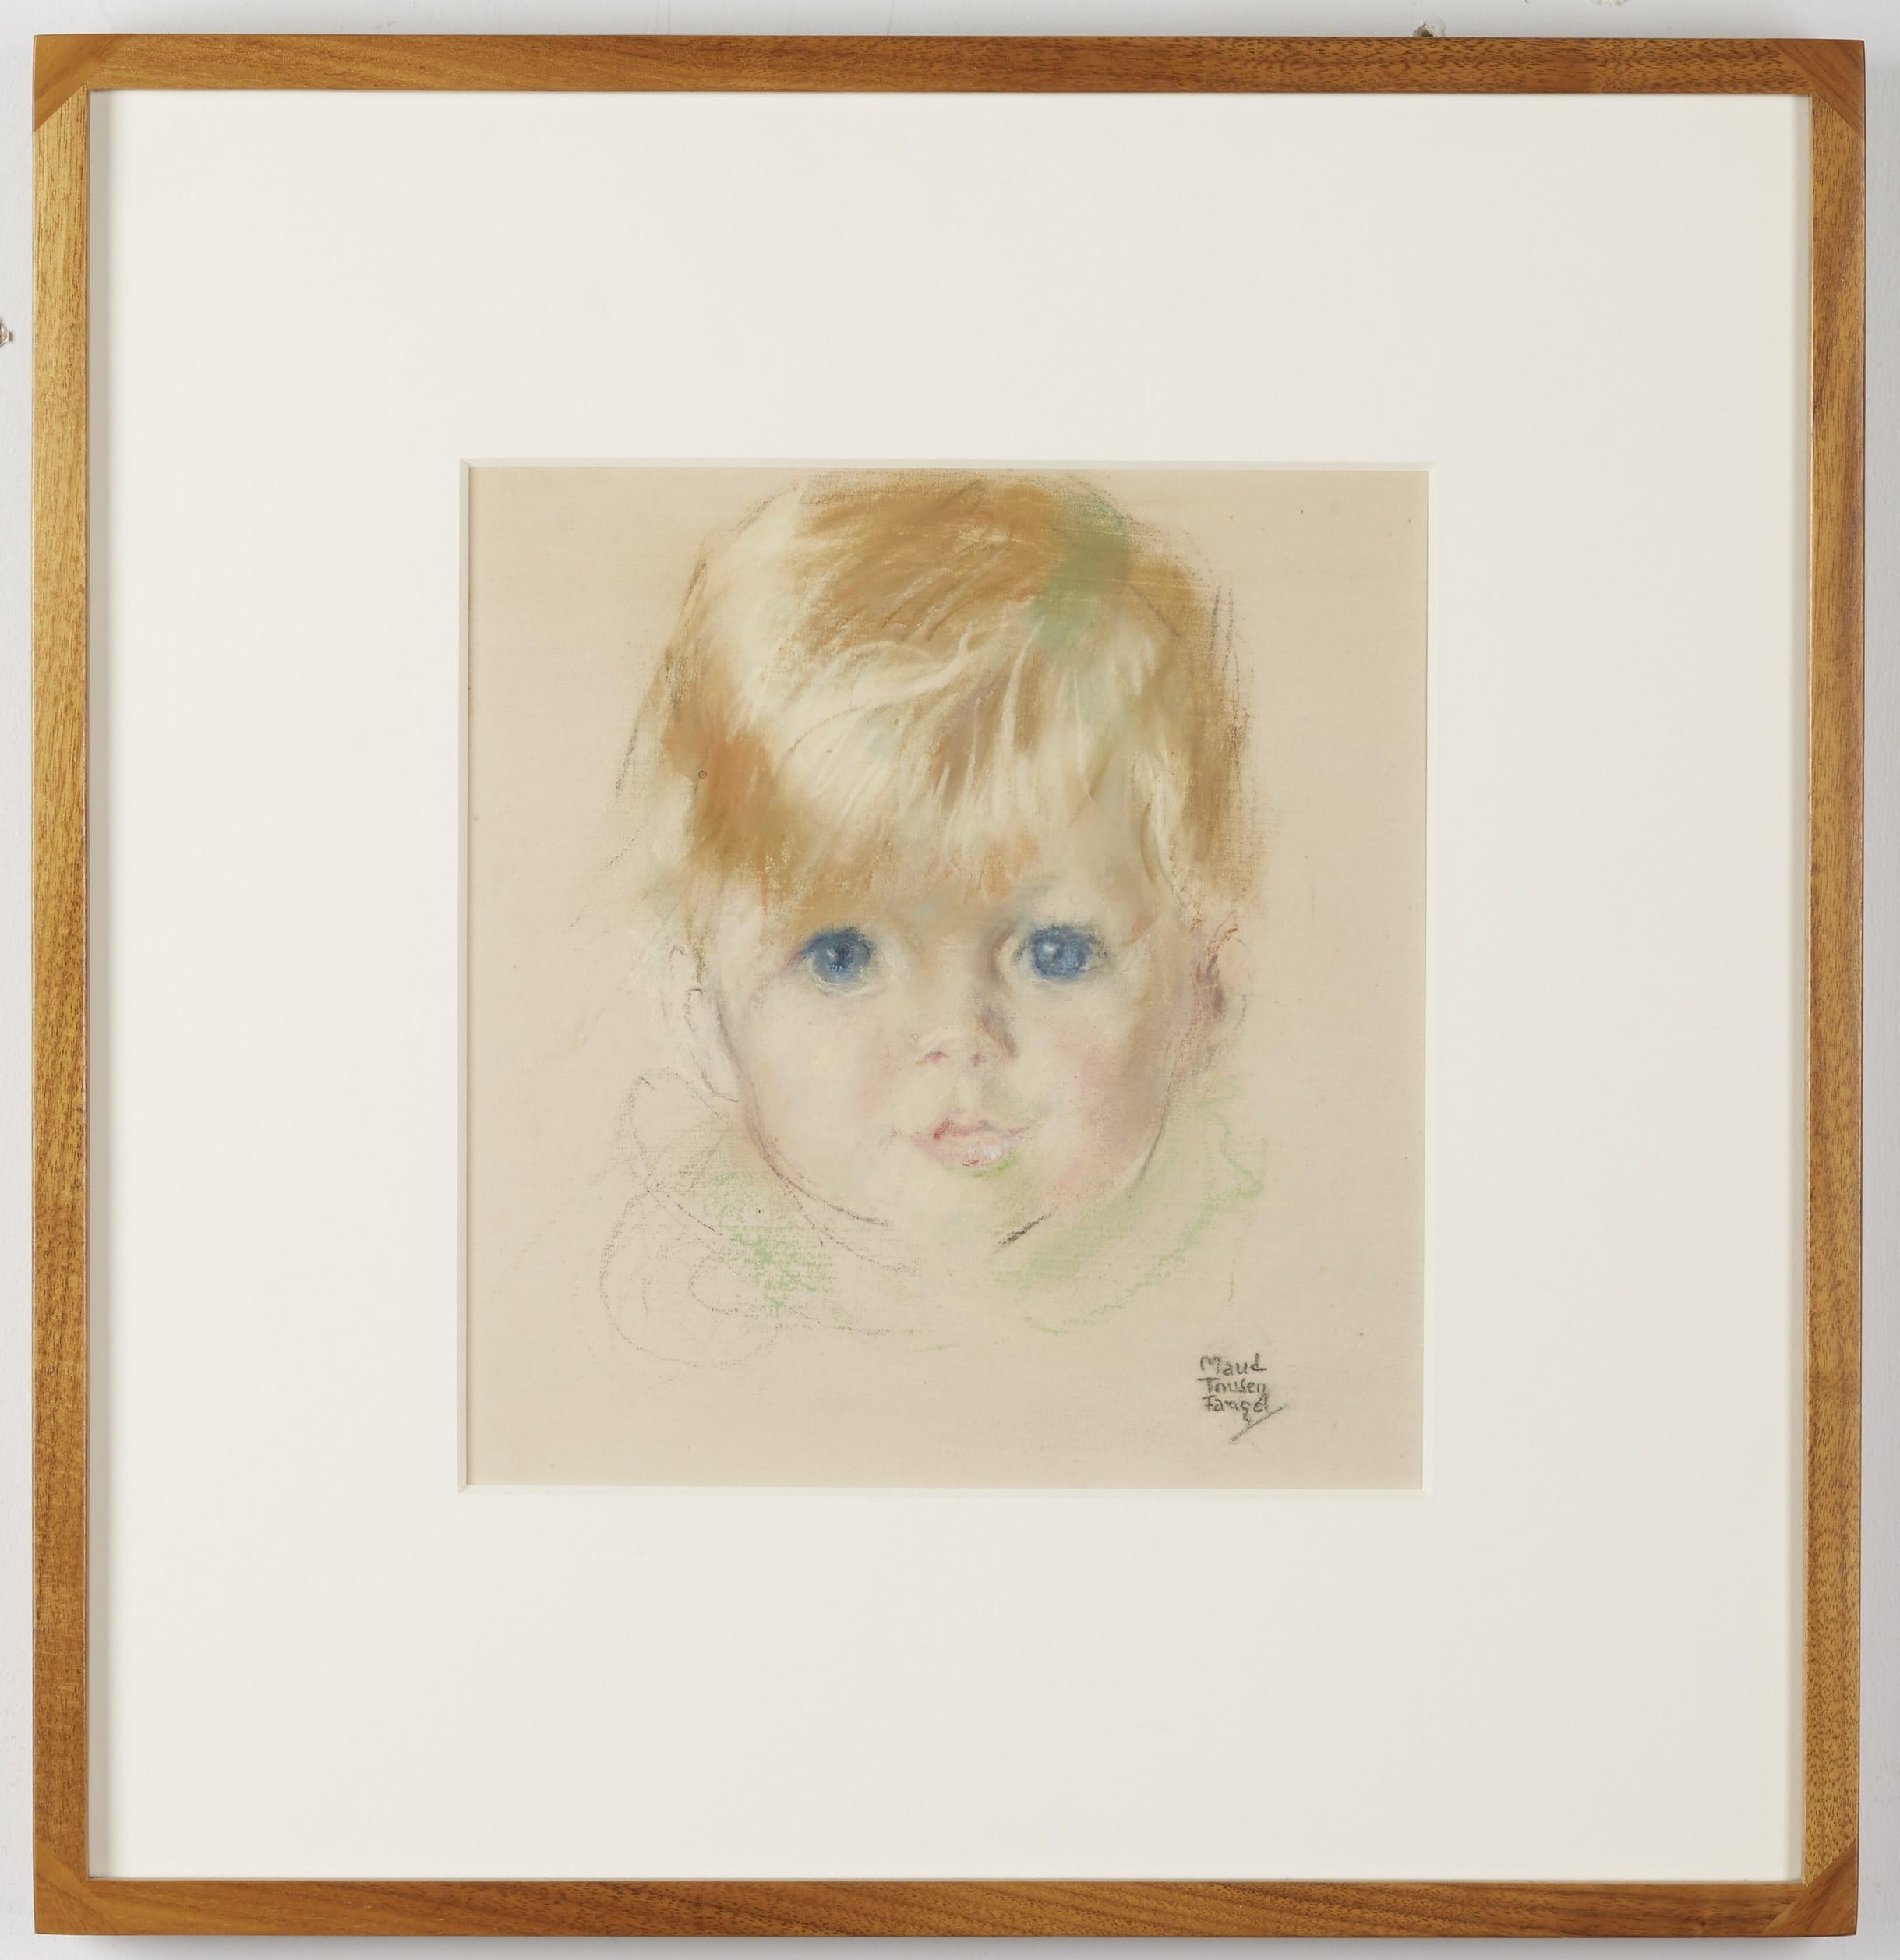 Lot 114: Maud Tousey Fangel Baby